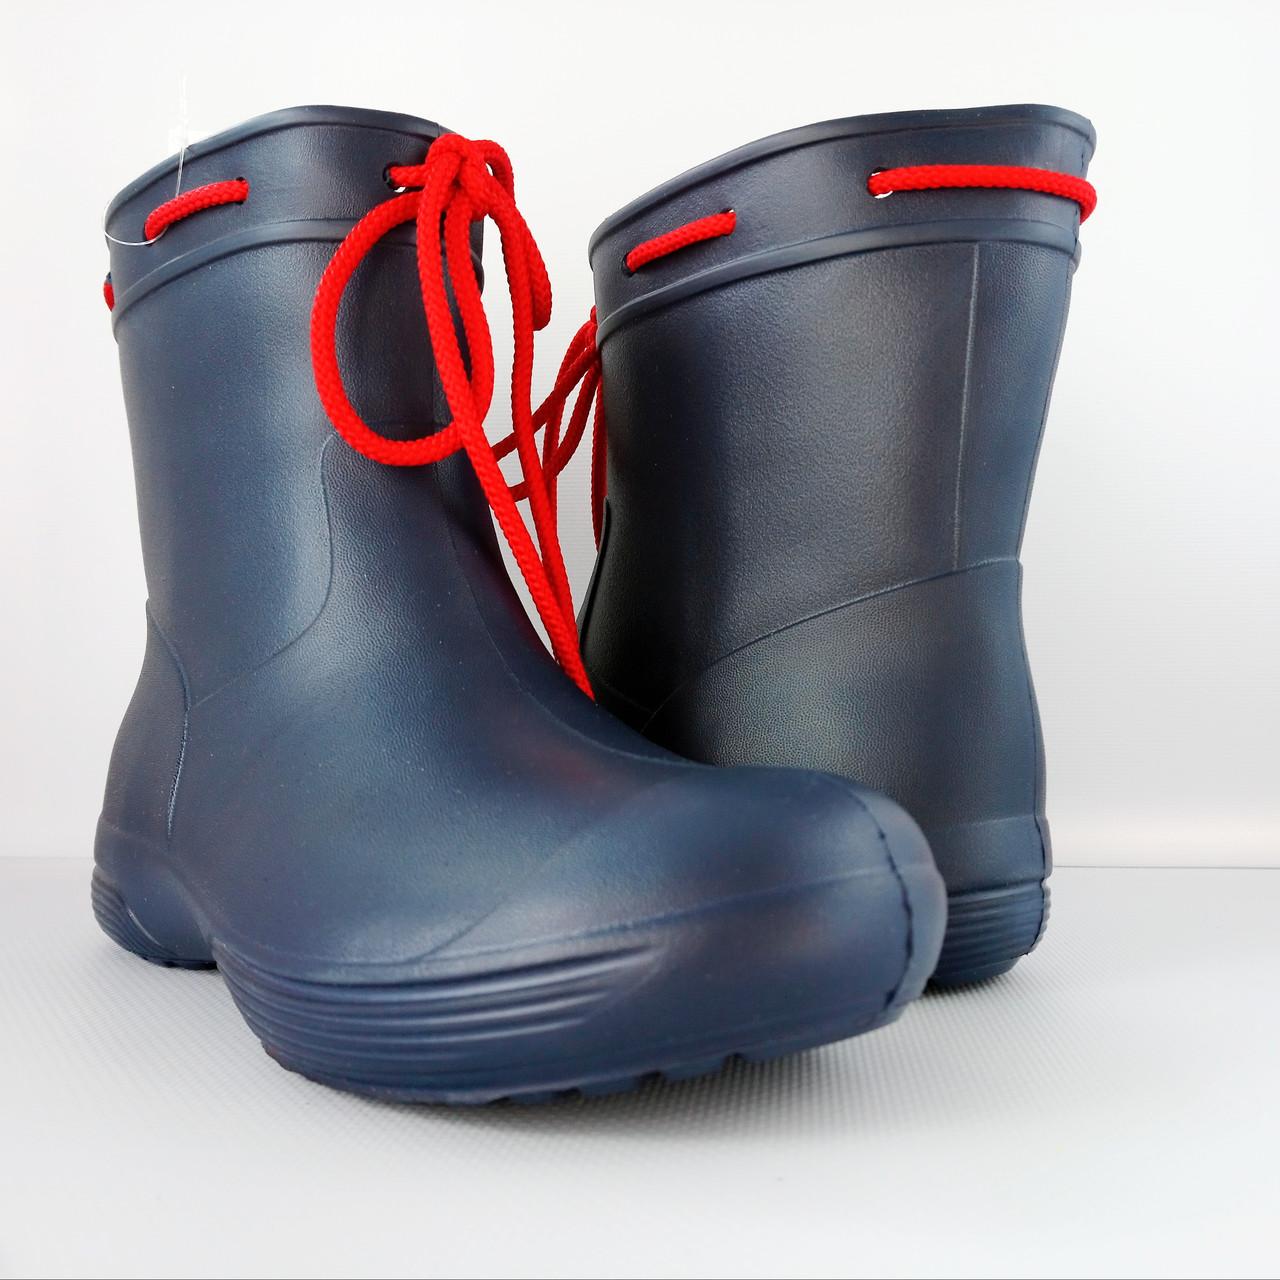 Синие сапоги на слякоть и дождь р. 36,37 Резиновые сапоги. Сделано в Украине.